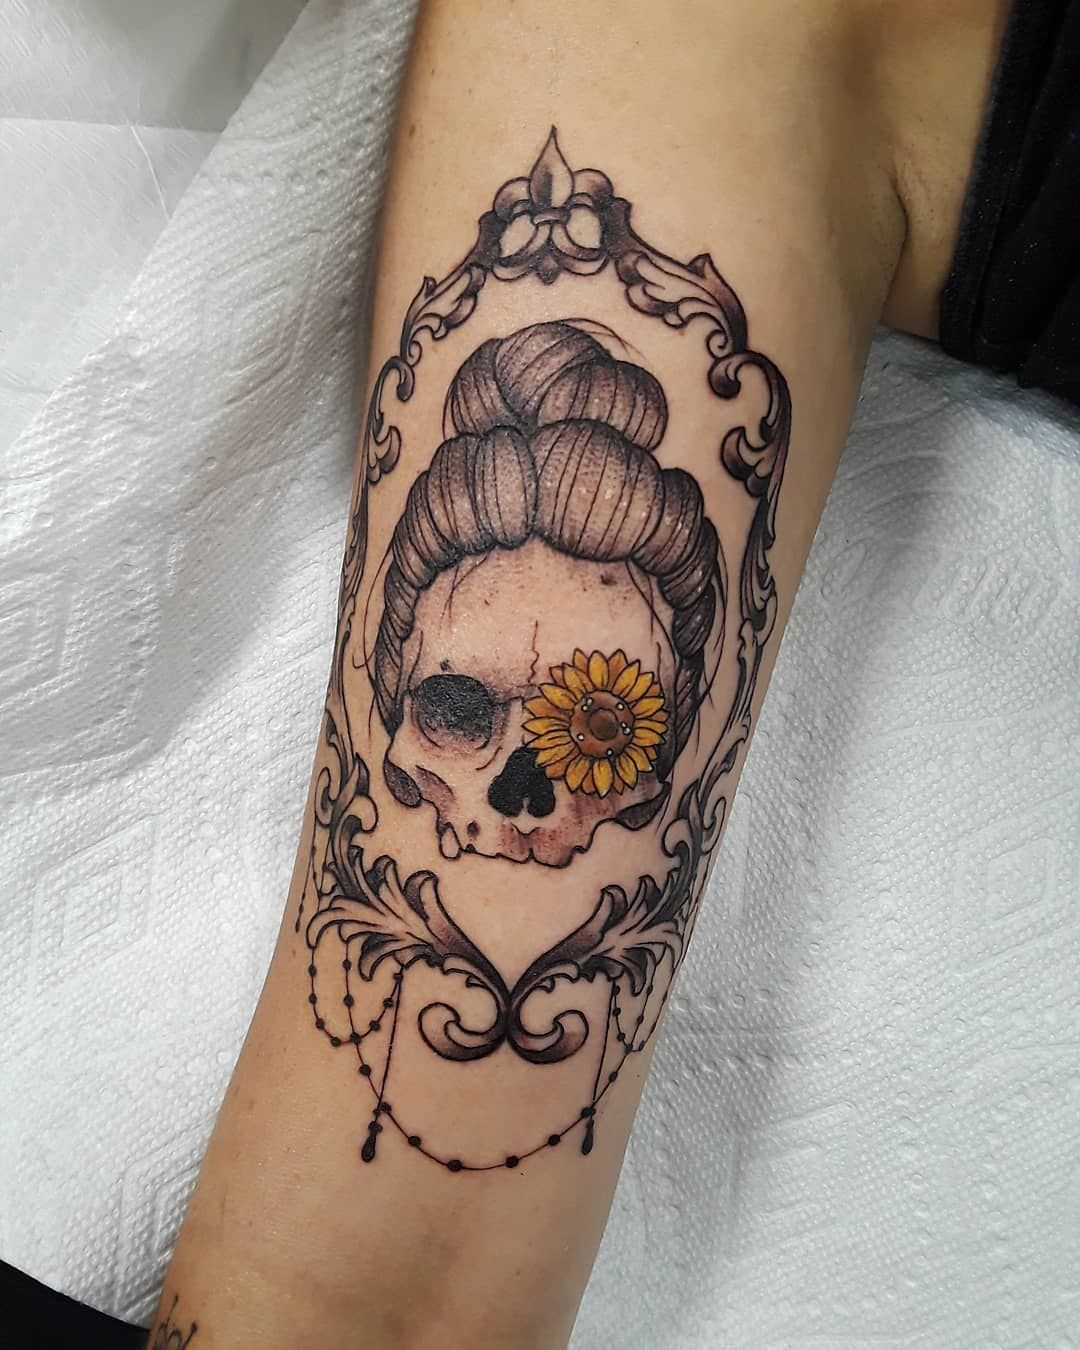 Sunflower Skull Tattoo Tattoo Ideas And Inspiration In 2020 Hippie Tattoo Pretty Skull Tattoos Skull Tattoo